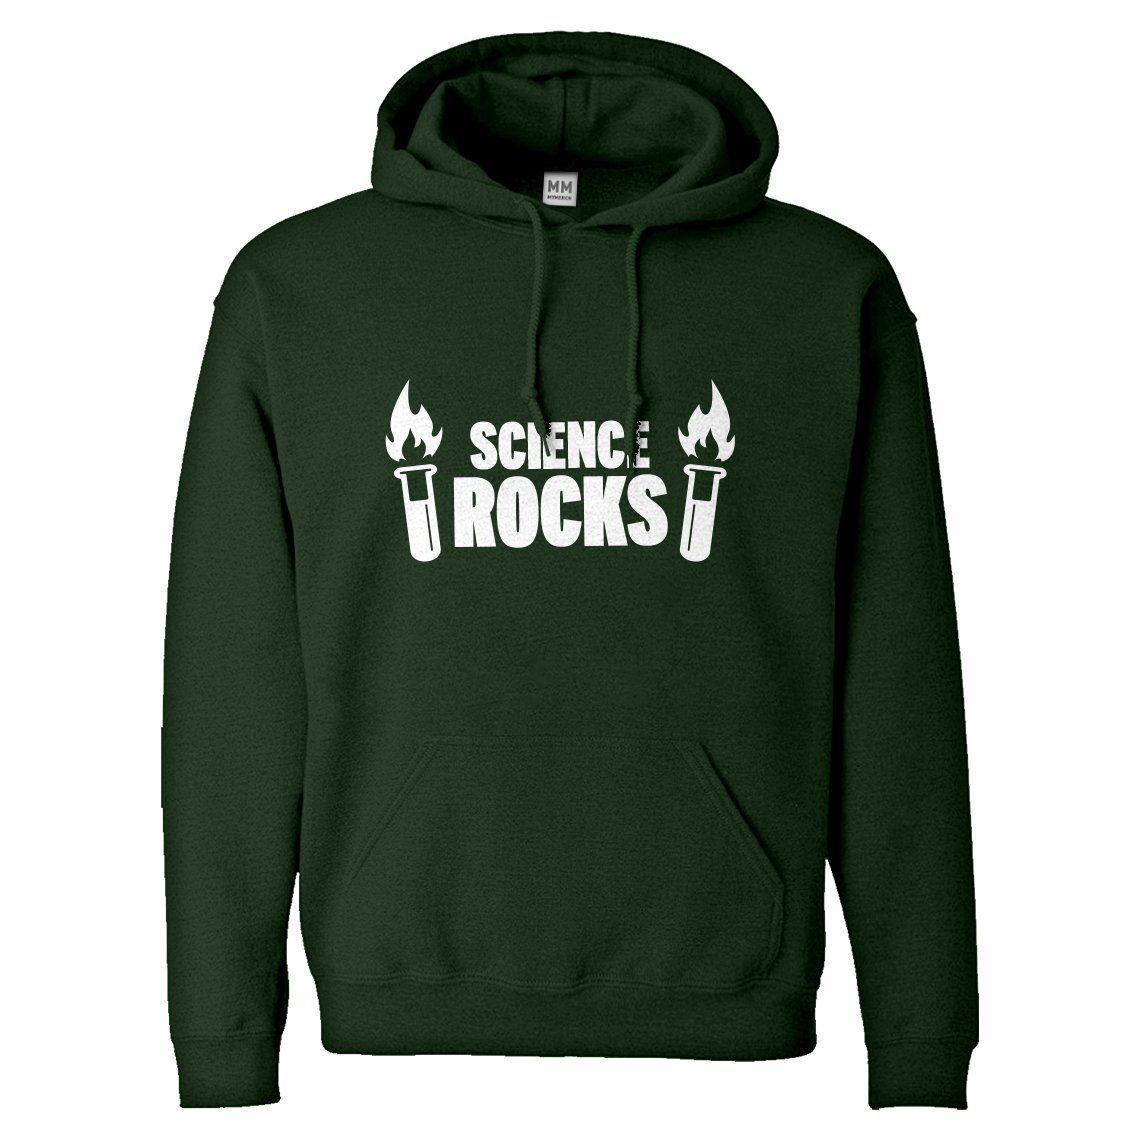 Hoodie Science Rocks! Unisex Hooded Sweatshirt